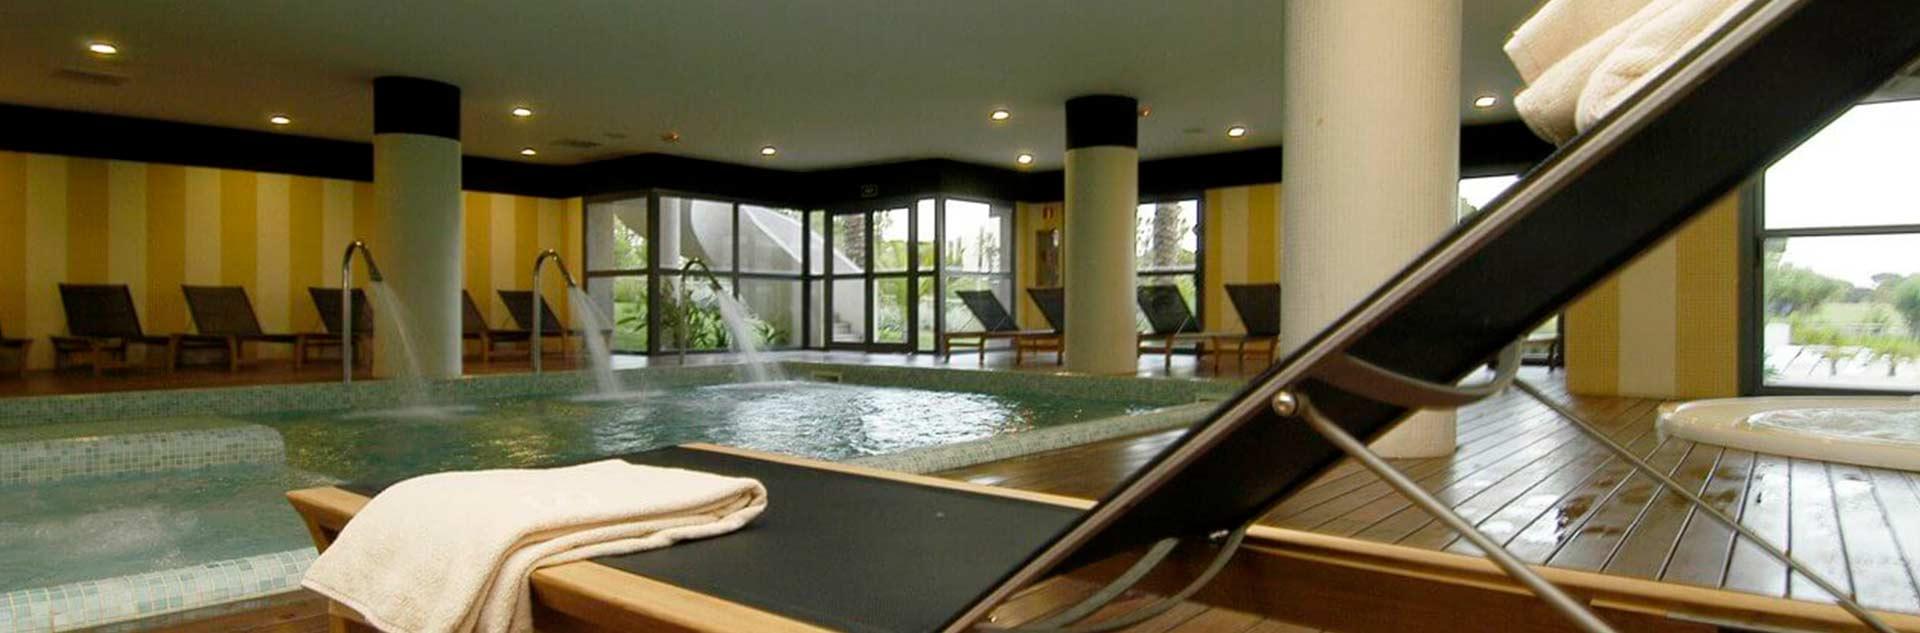 Zona Spa del Hotel 4* en Huelva